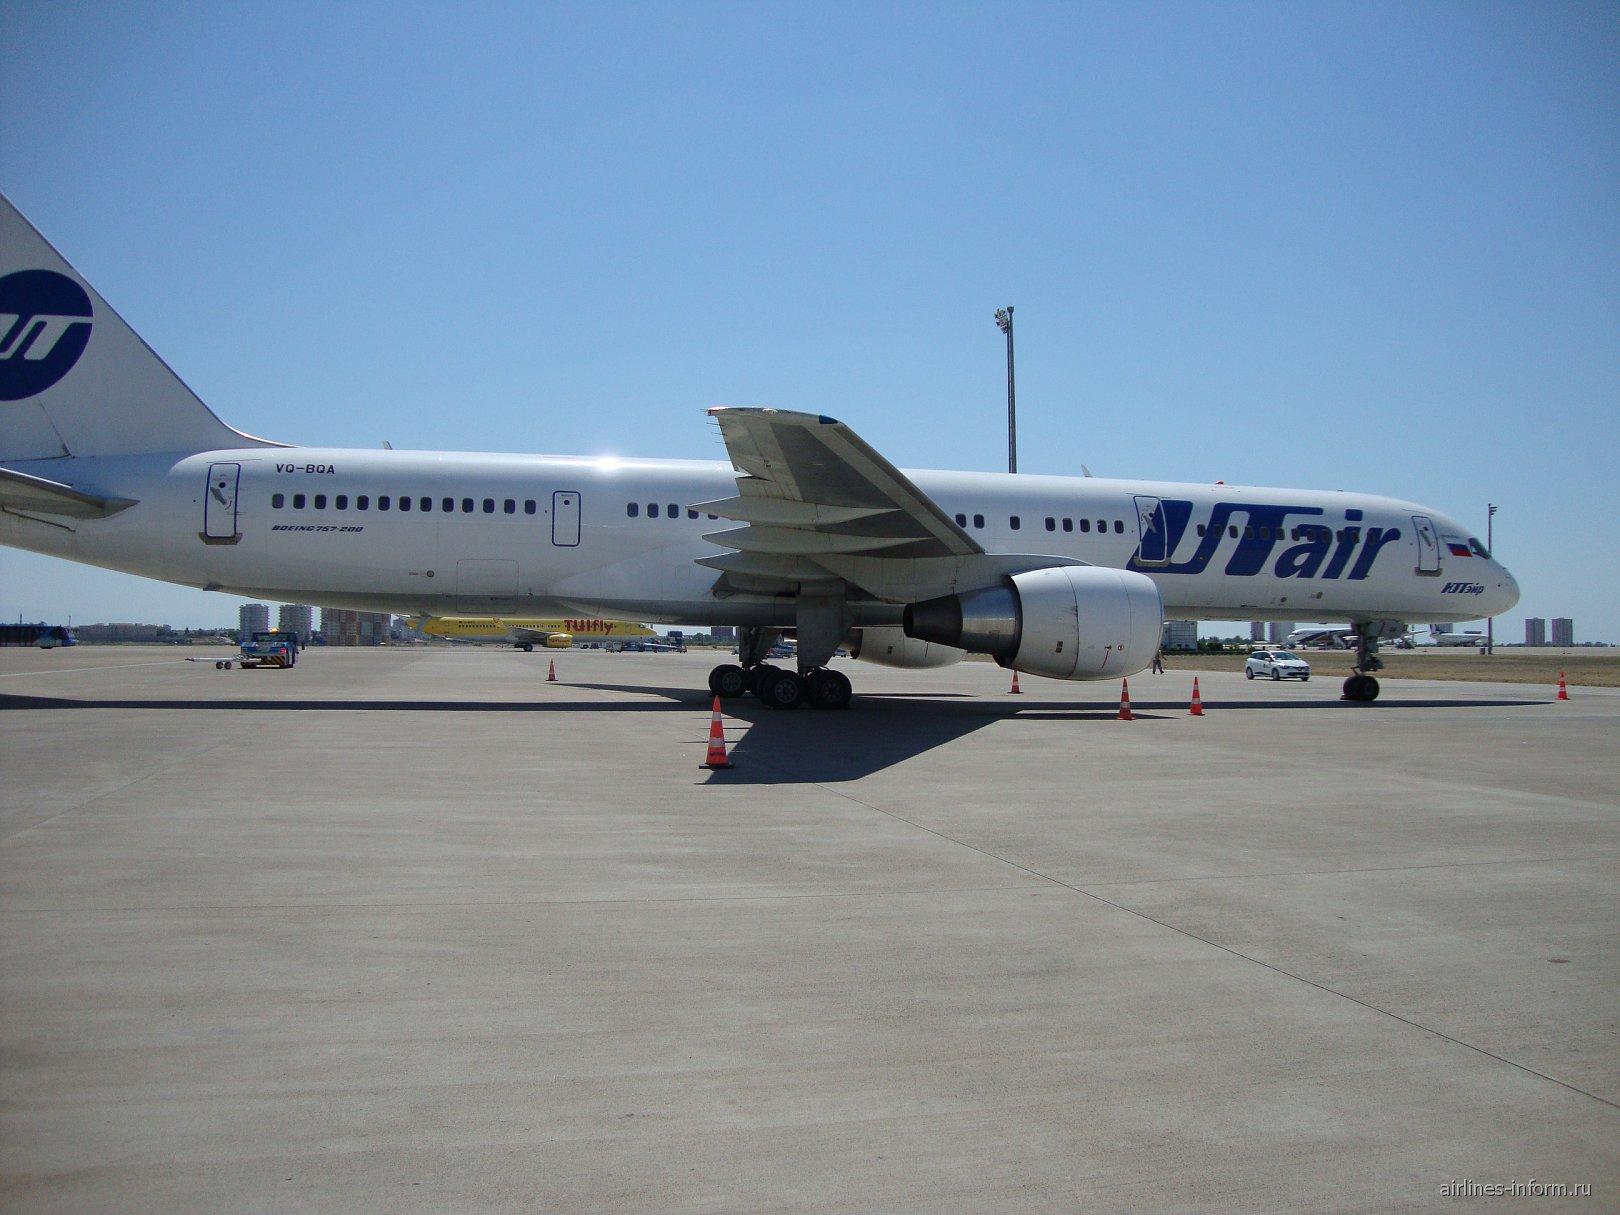 Боинг-757 ЮТэйр в аэропорту Антальи